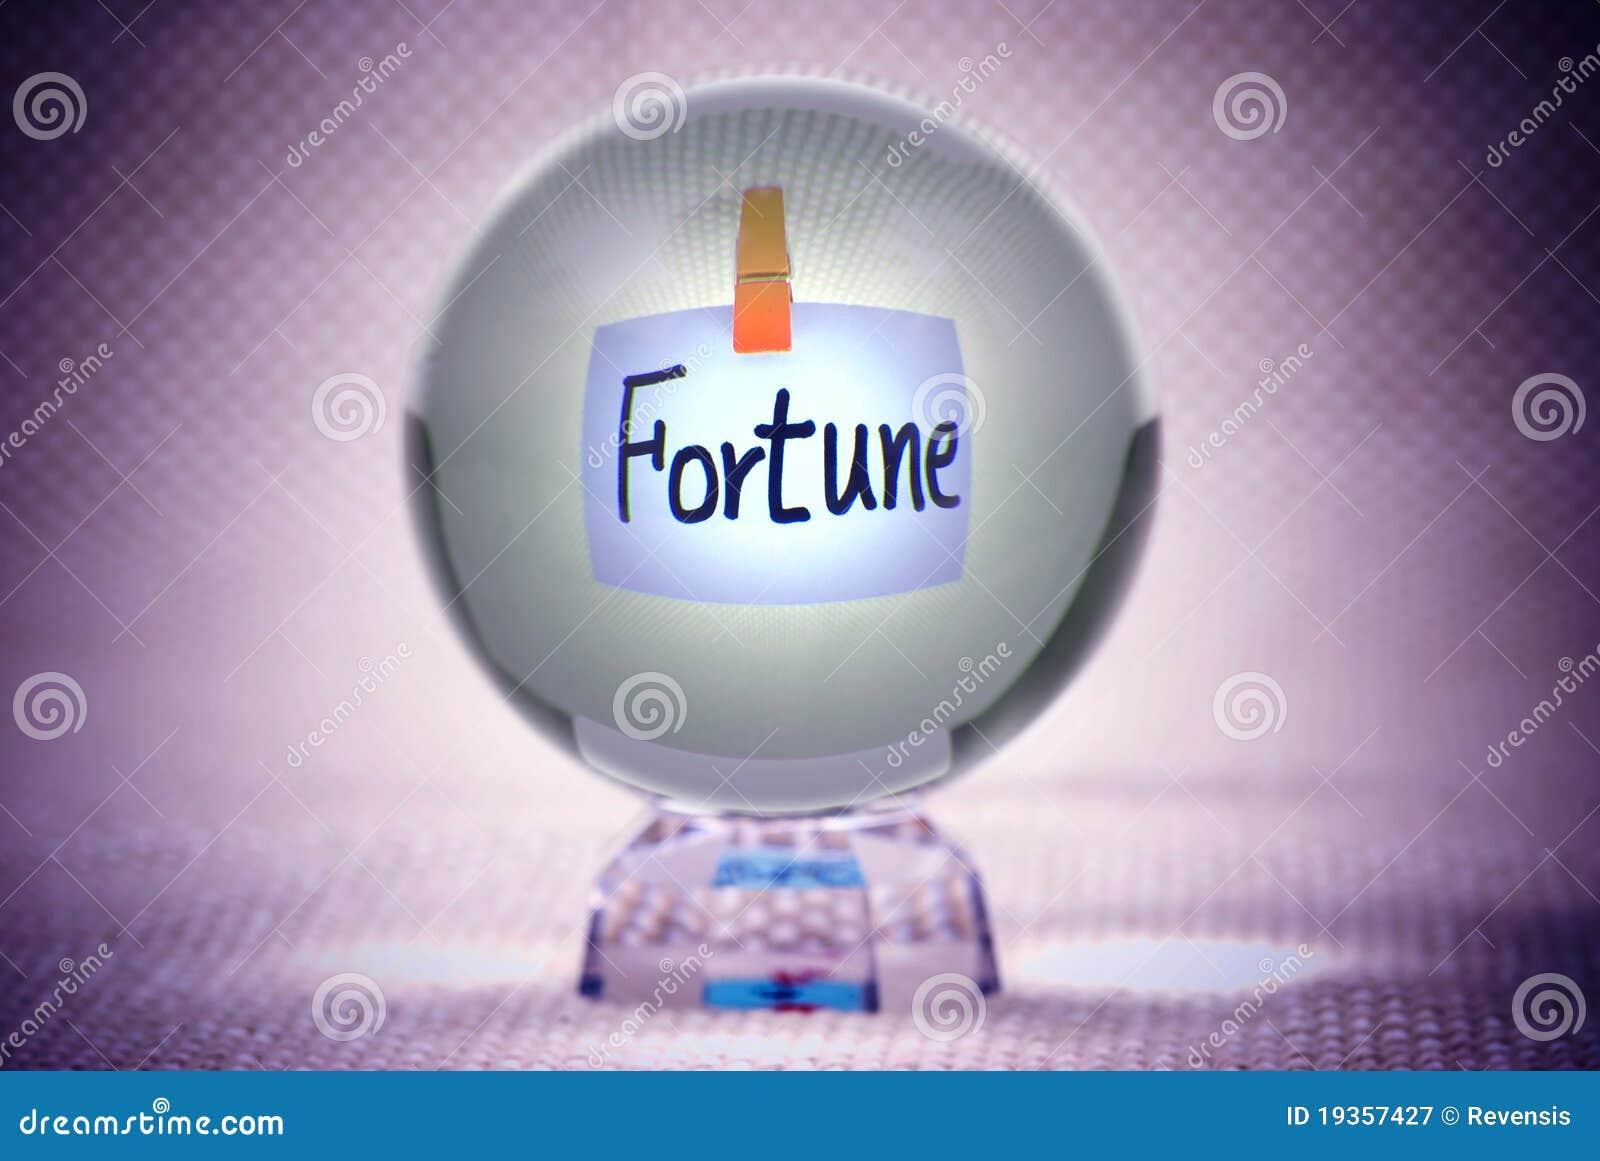 Fortuna, palavras na esfera de cristal mágica